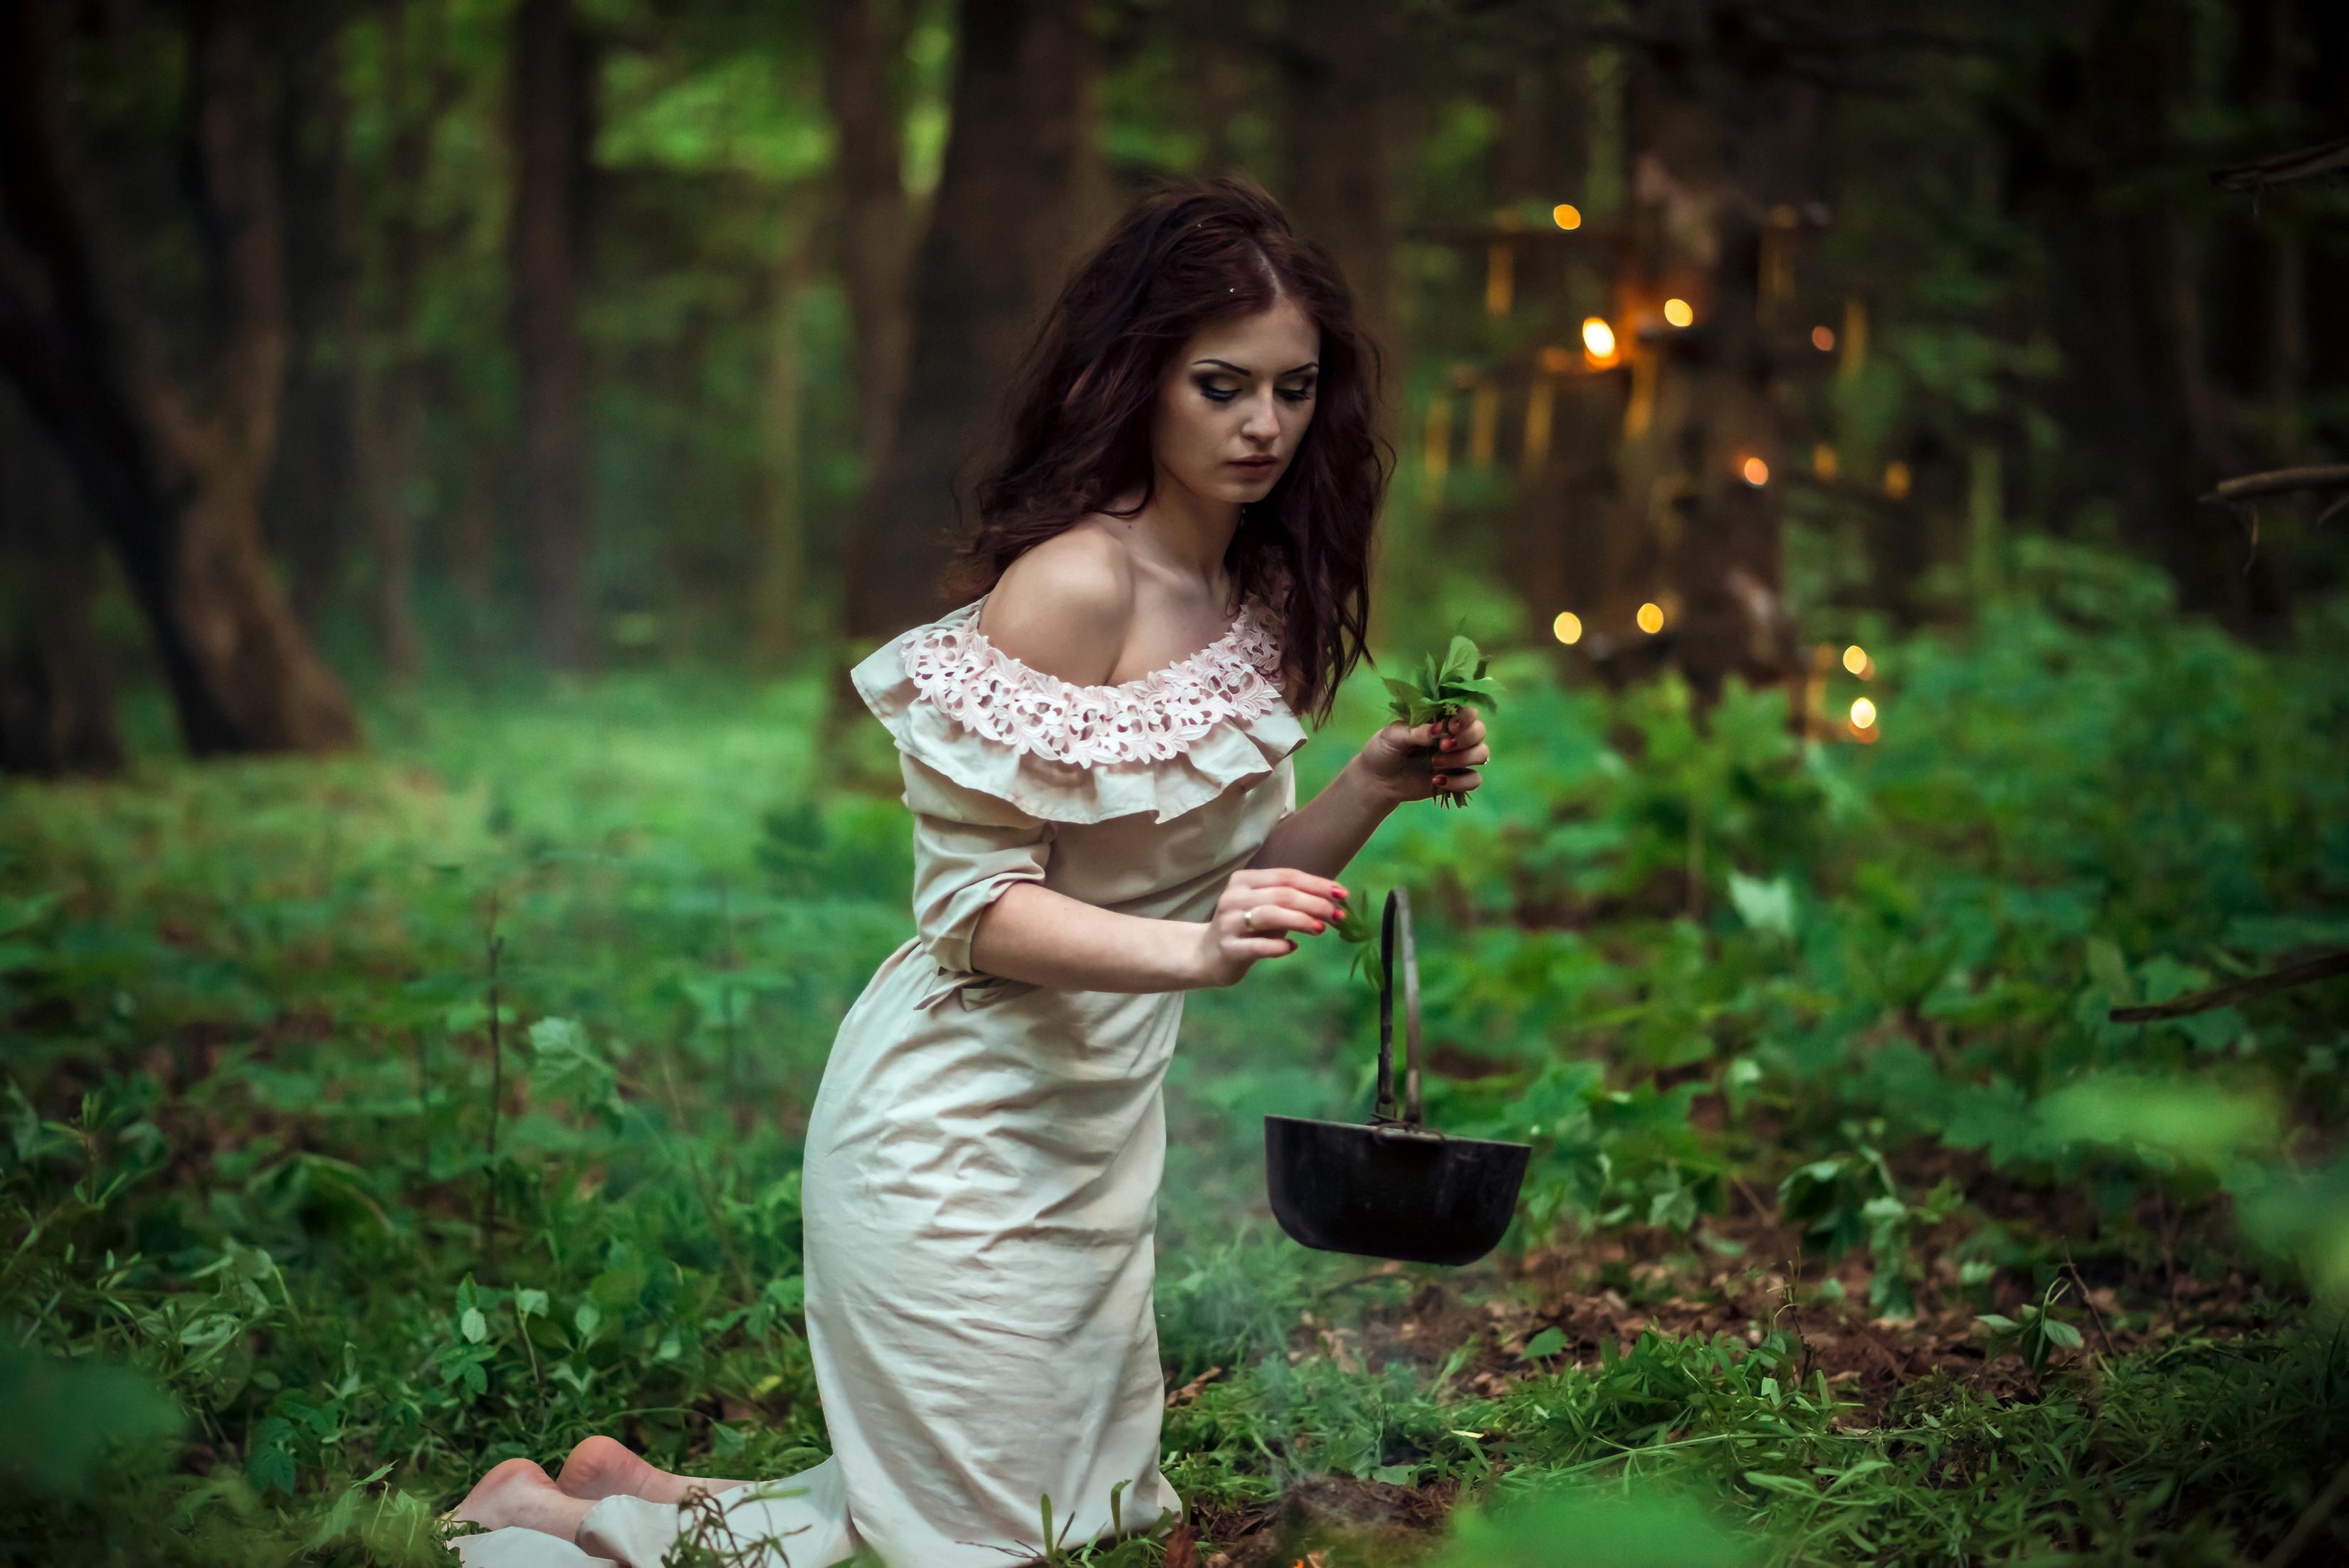 википедии фотосессия ведьма в лесу фото известность, девушка